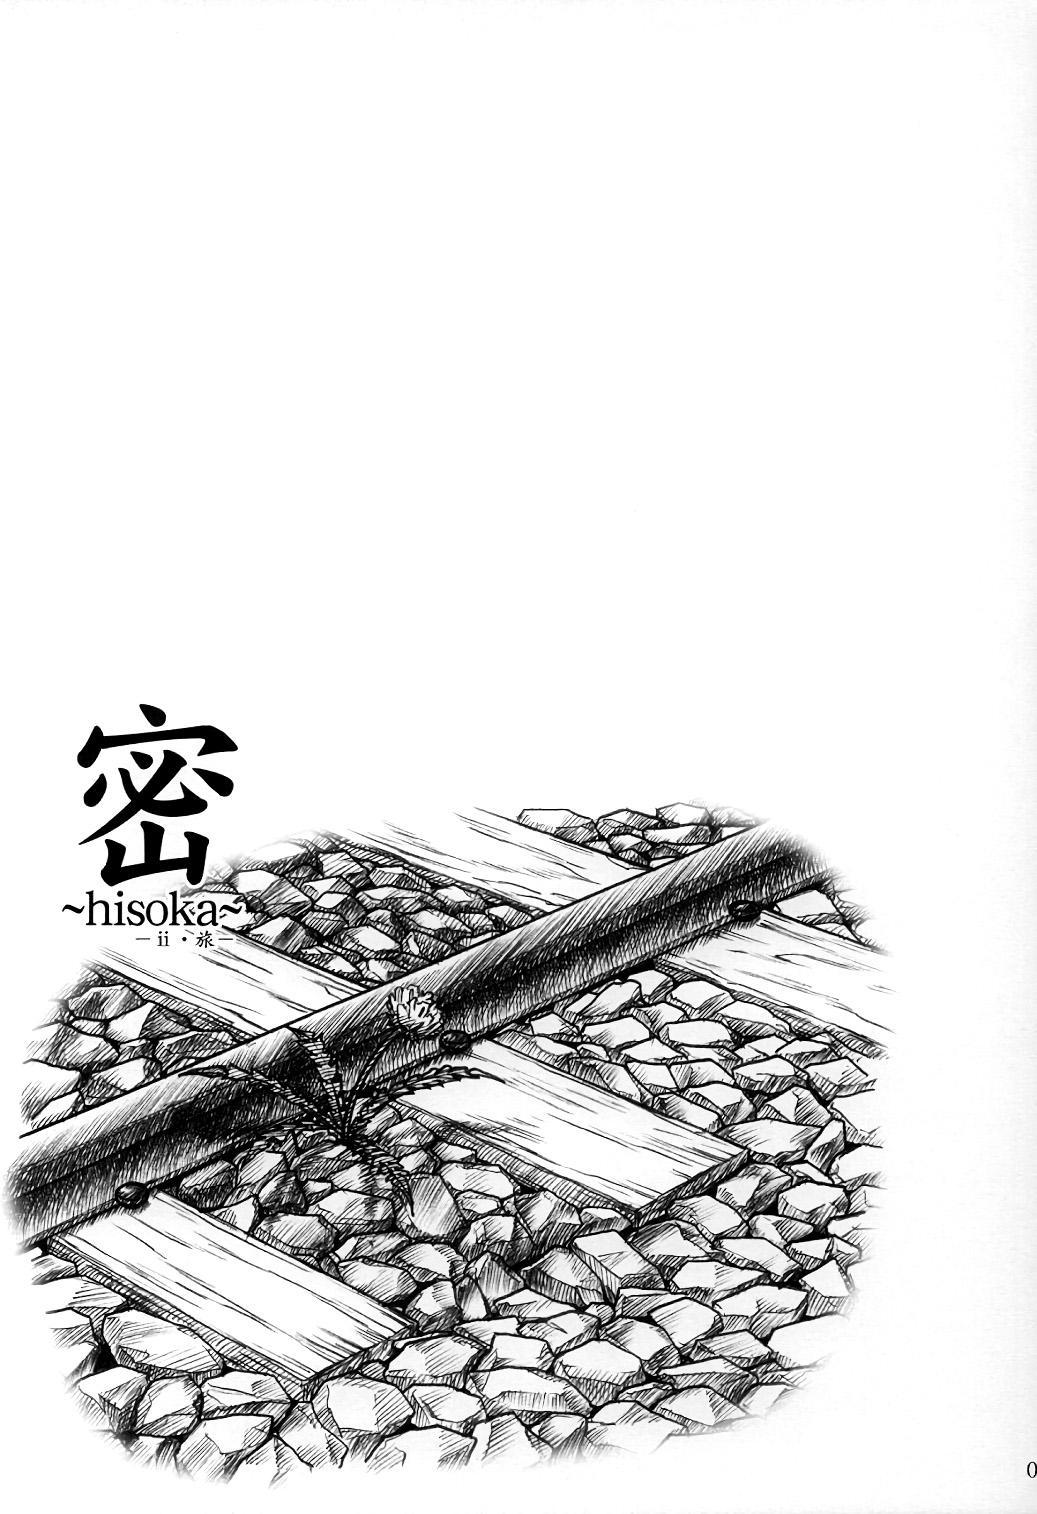 hisoka 3